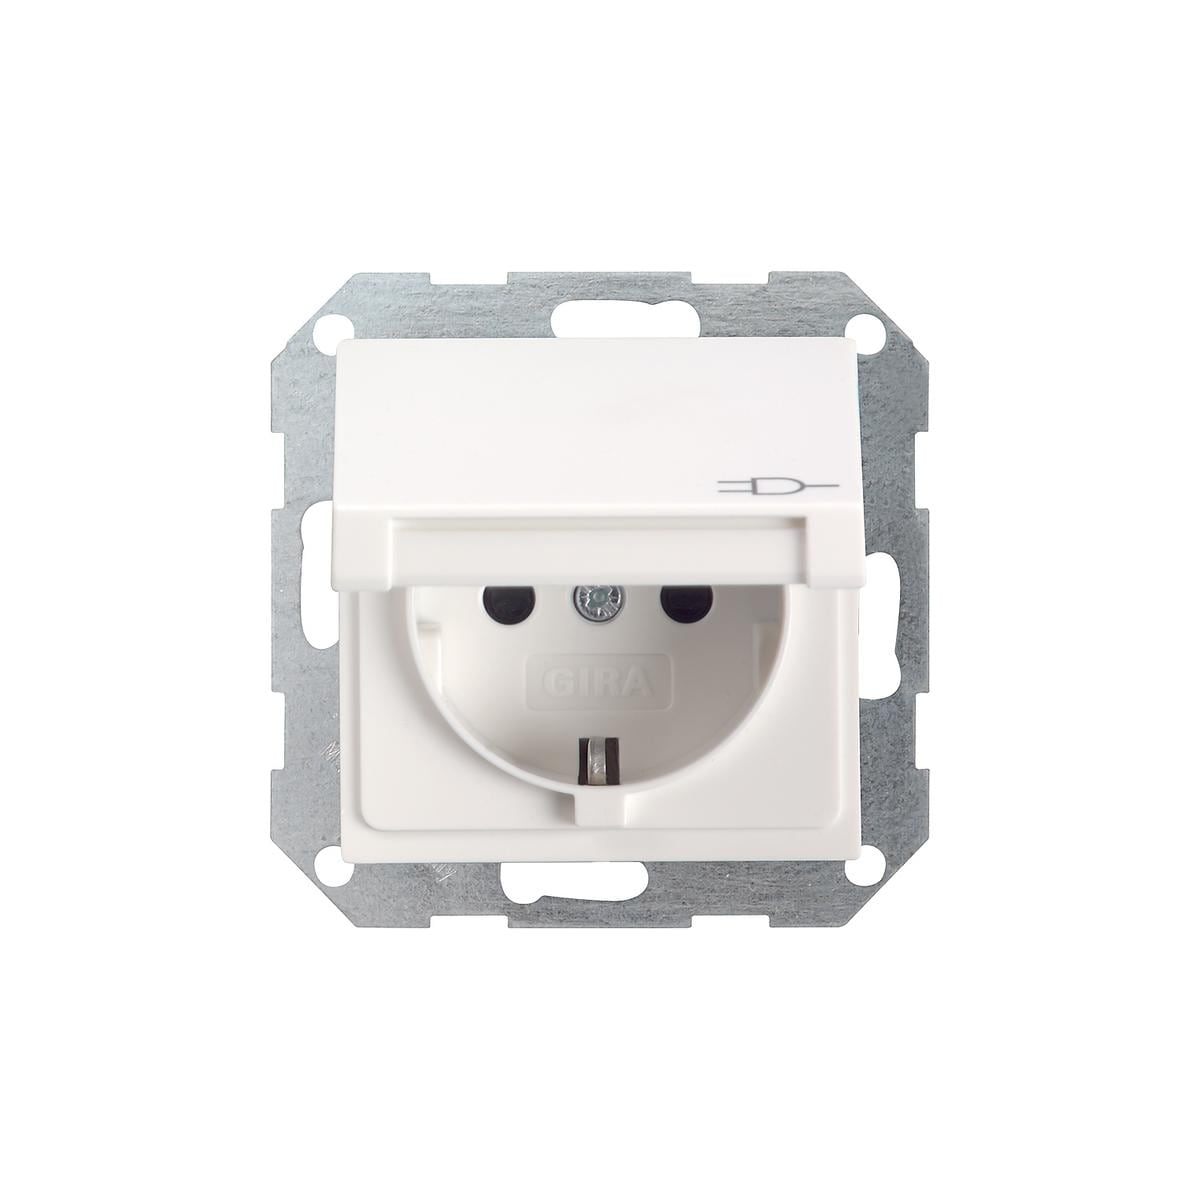 schuko steckdose gira 045403 mit klappdeckel reinwei gl nzend von gira b artikel bei. Black Bedroom Furniture Sets. Home Design Ideas